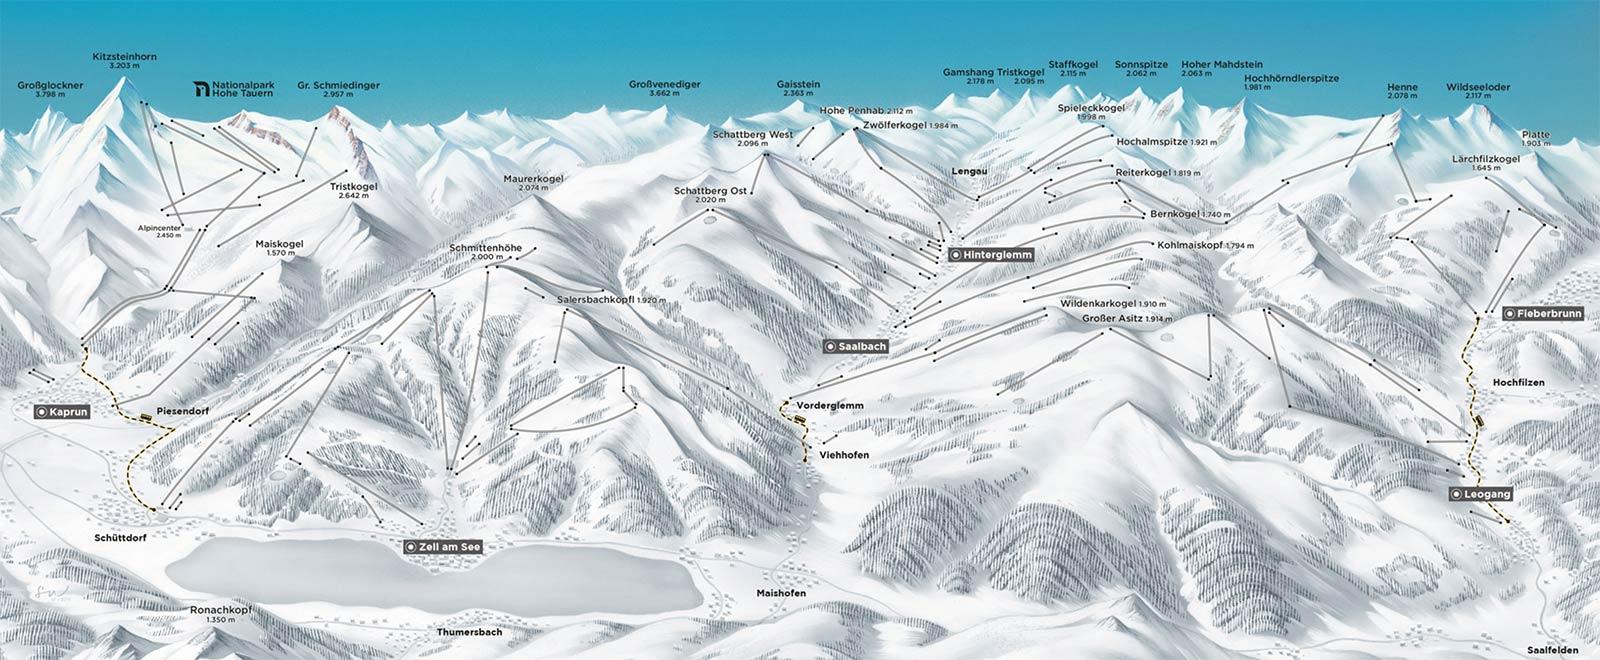 Übersicht: Die Gebiete der Alpin Card (Ski, Action, Classic) - Skipässe und Saisonkarten 2020